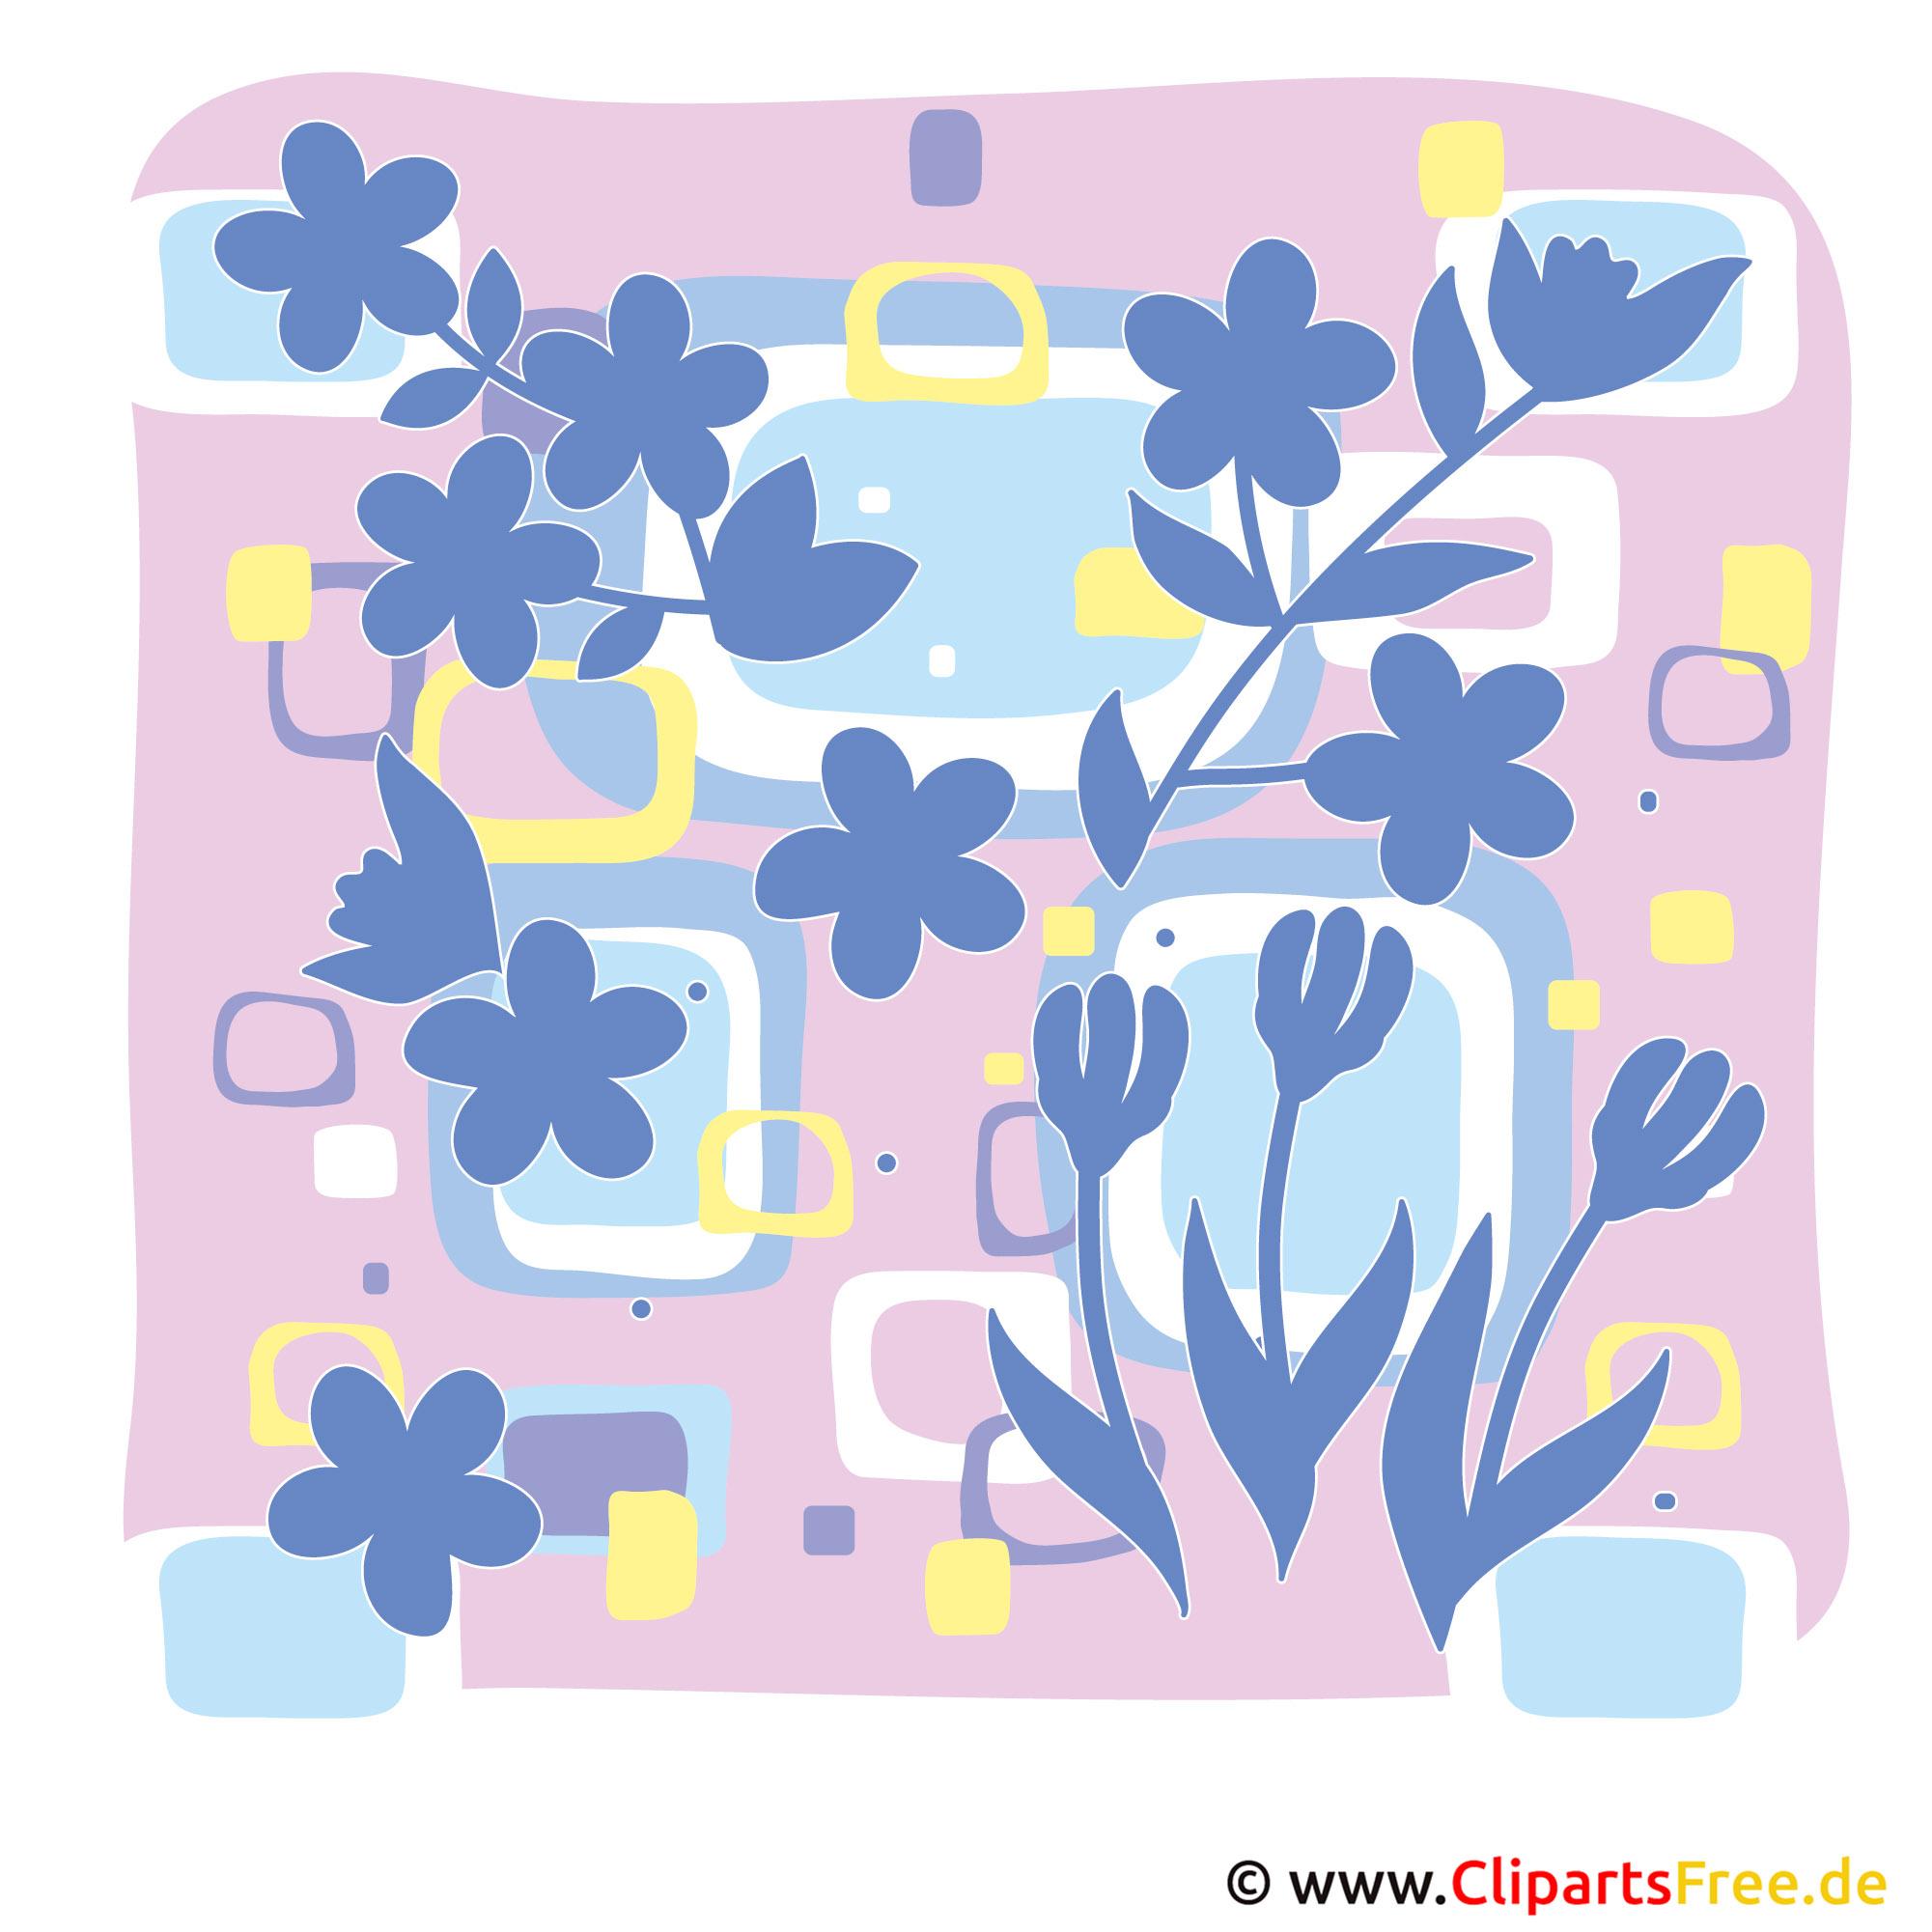 Frühling Cliparts kostenlos -  Blumen und Pflanzen